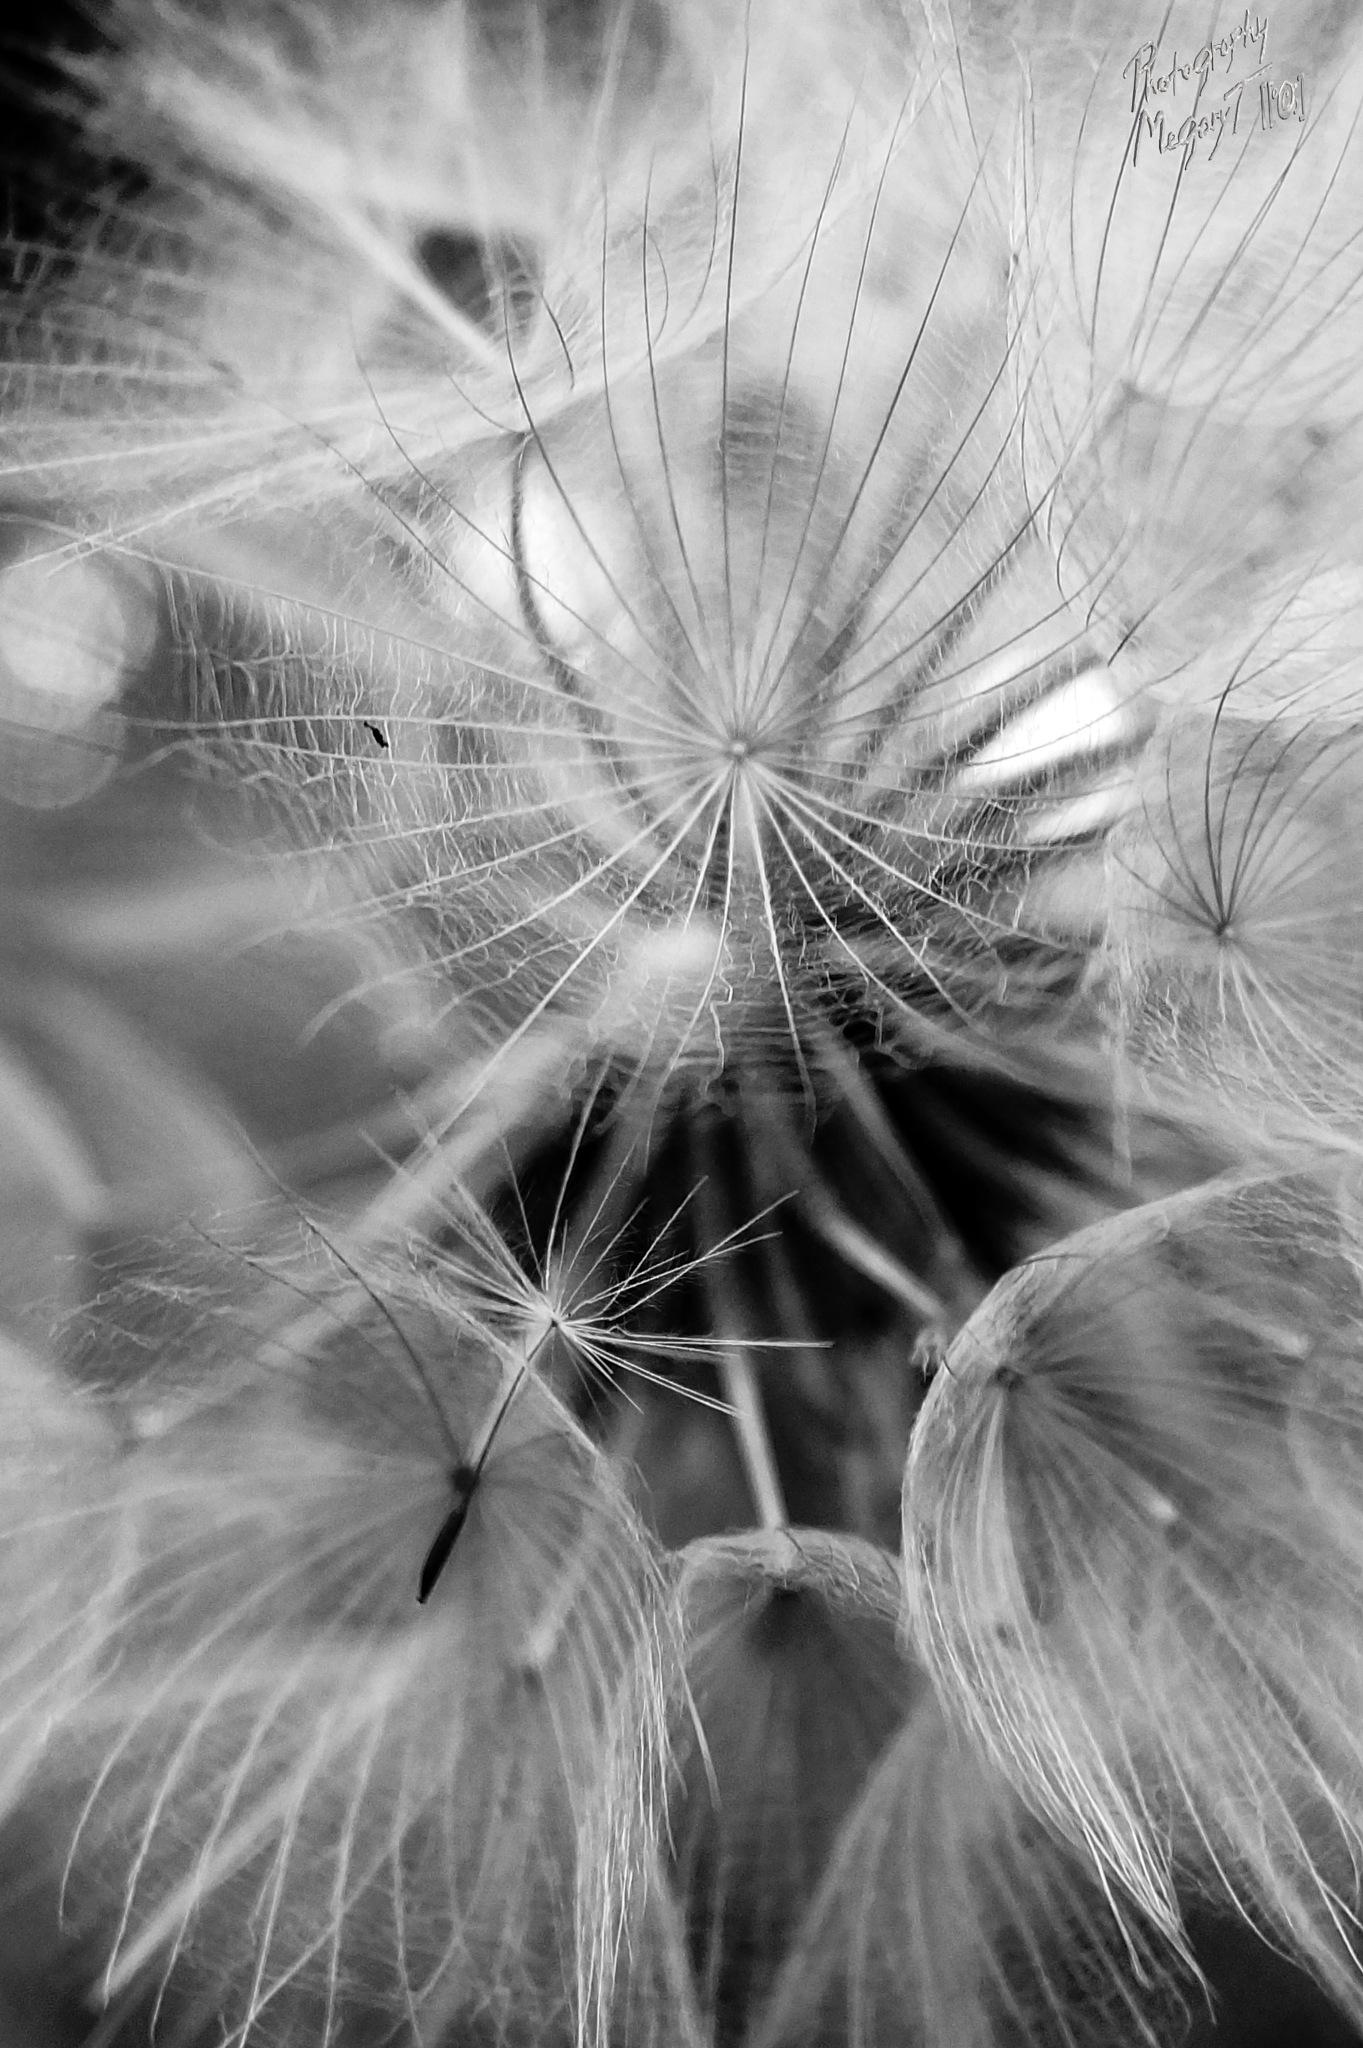 dandy by MegaryT [[°©;]